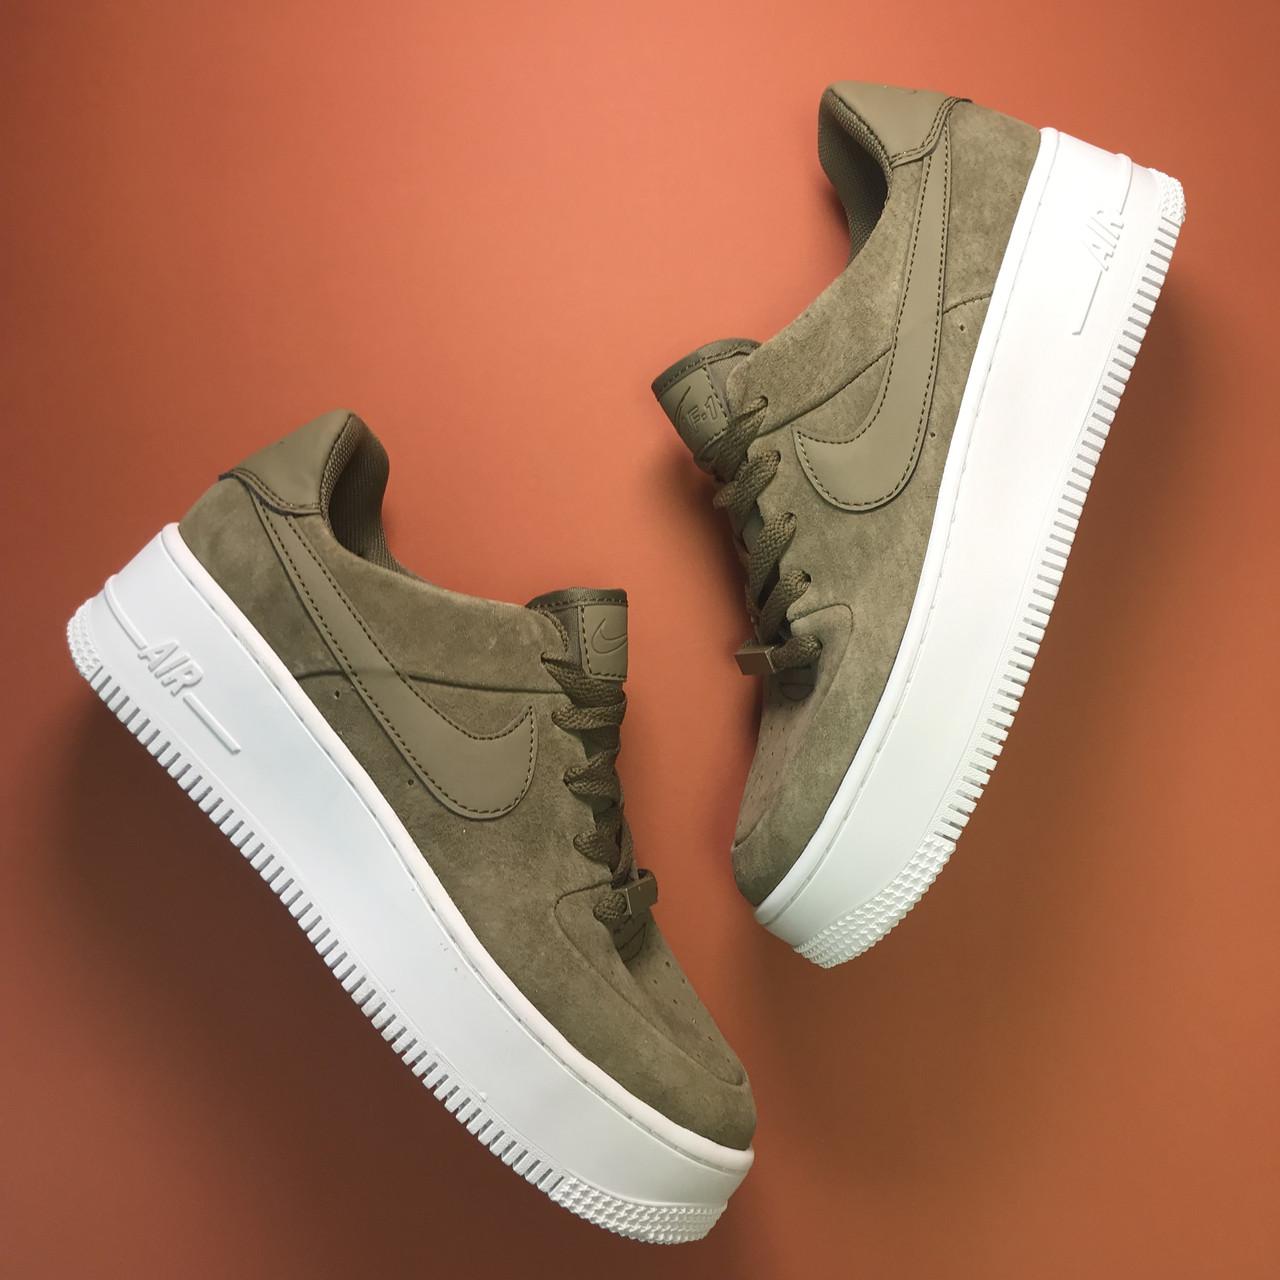 Женские кроссовки Nike Air Force Low Sage Platform Green, женские кроссовки найк аир форс лов сага